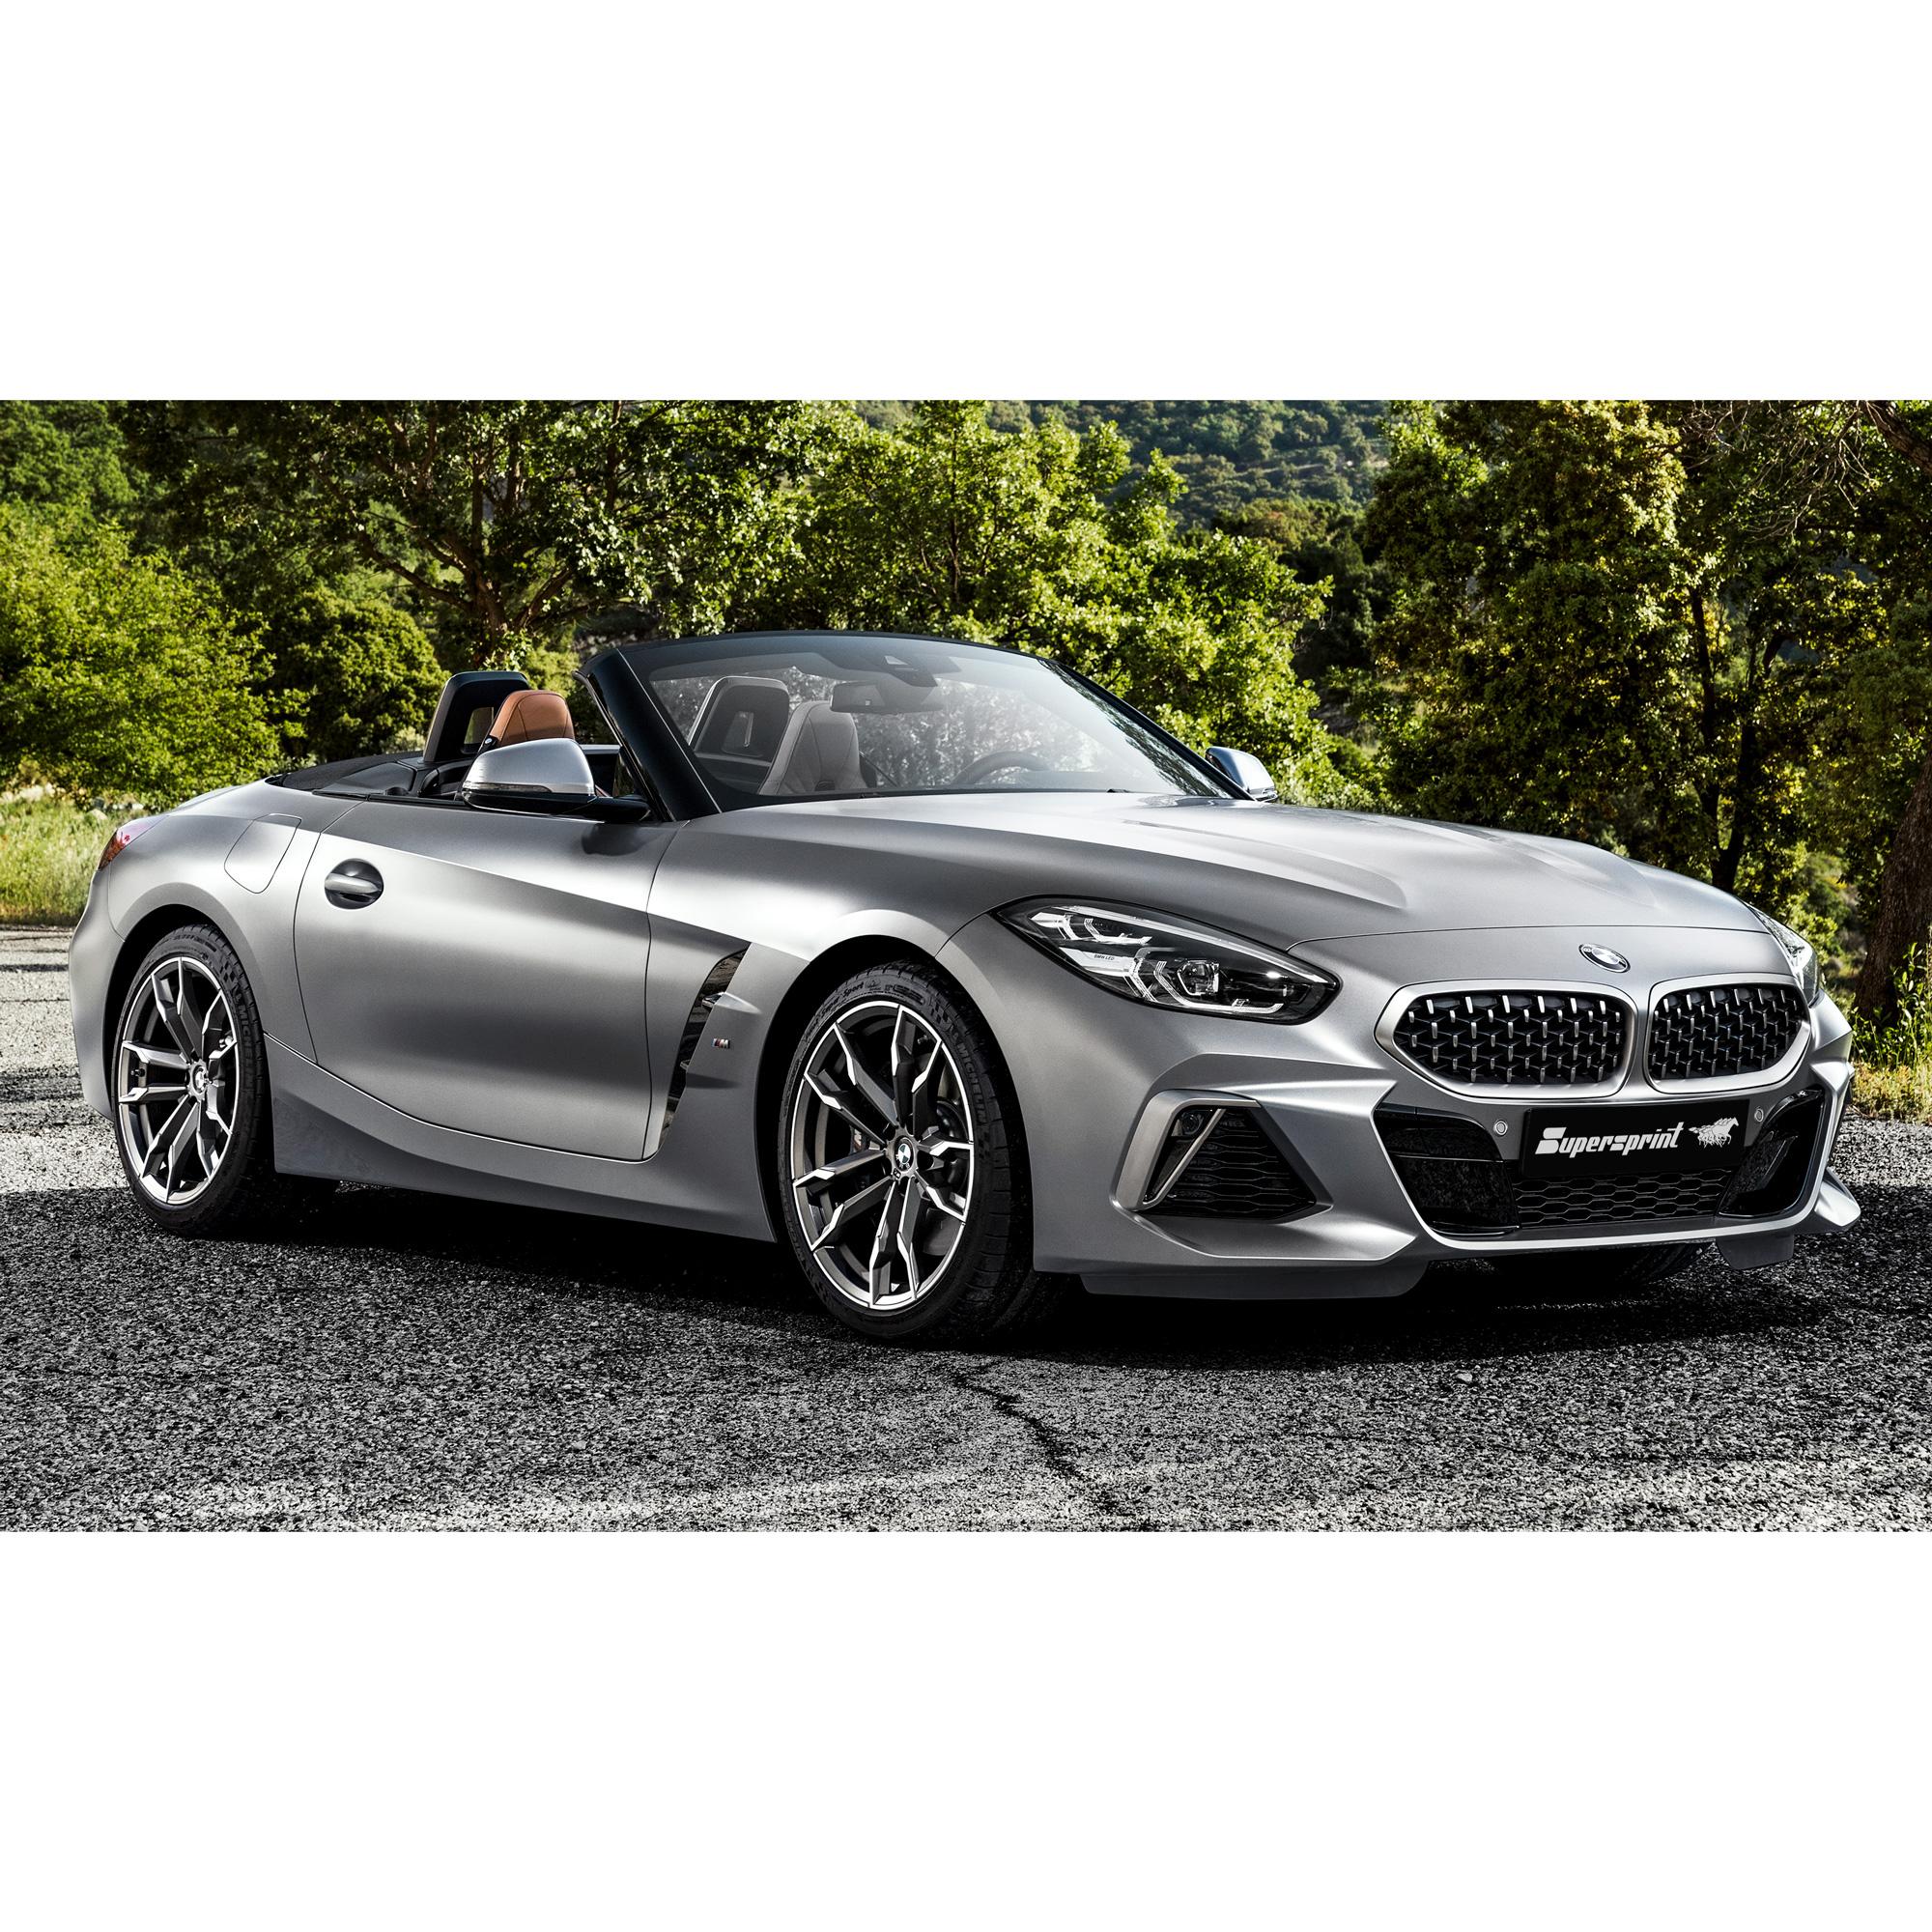 Supersprint udstødning til BMW G29 M40i